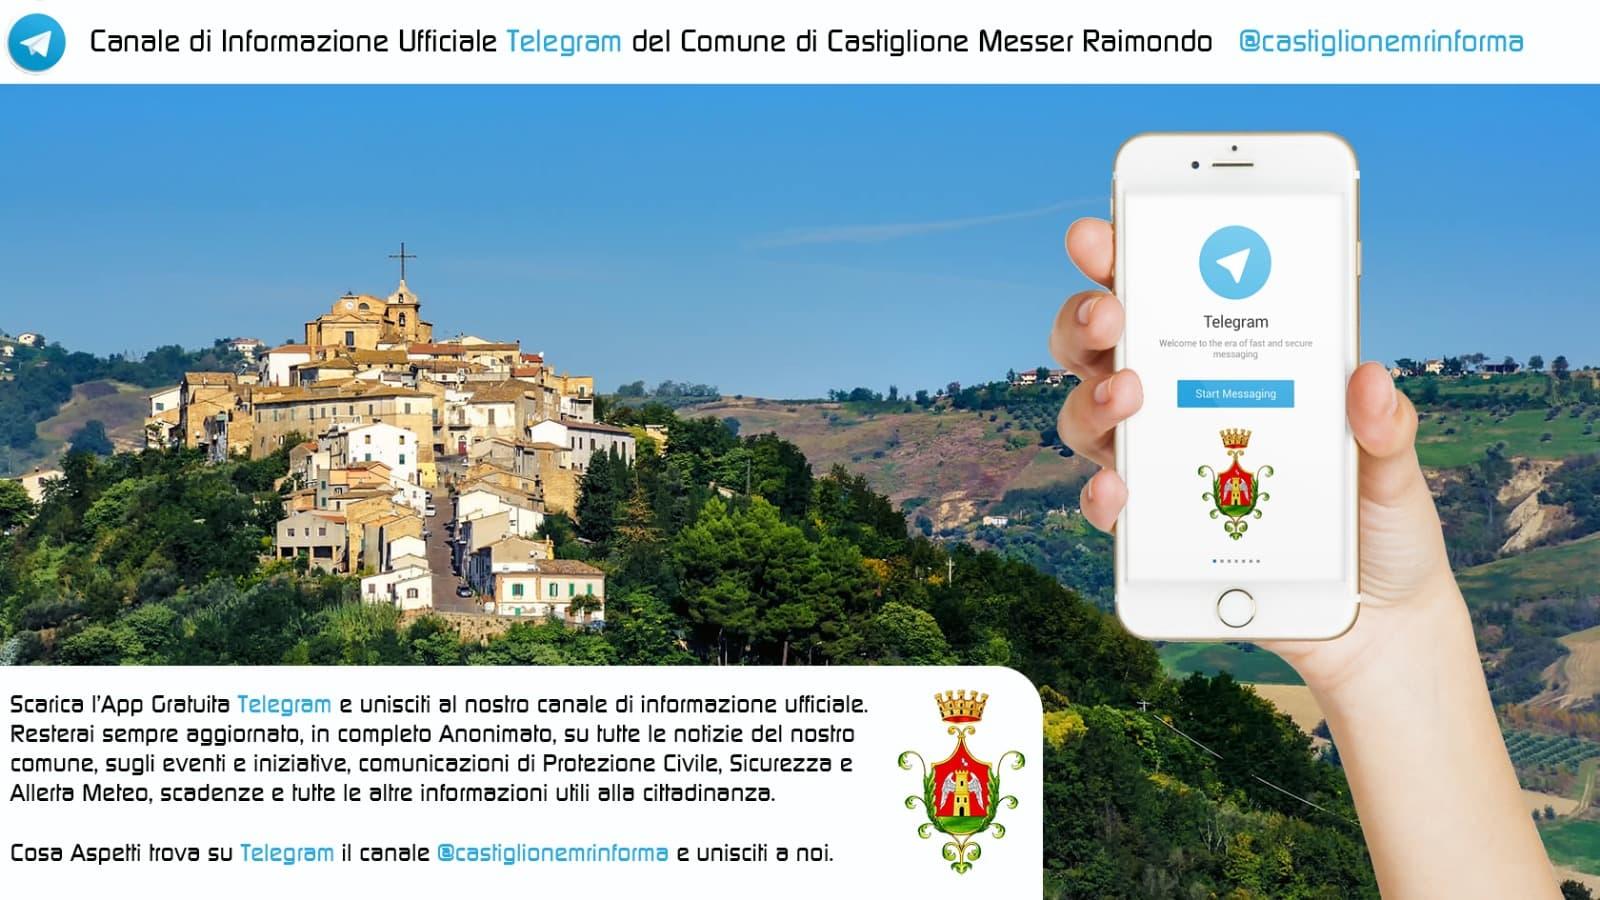 Telegram_CastMR1.jpg